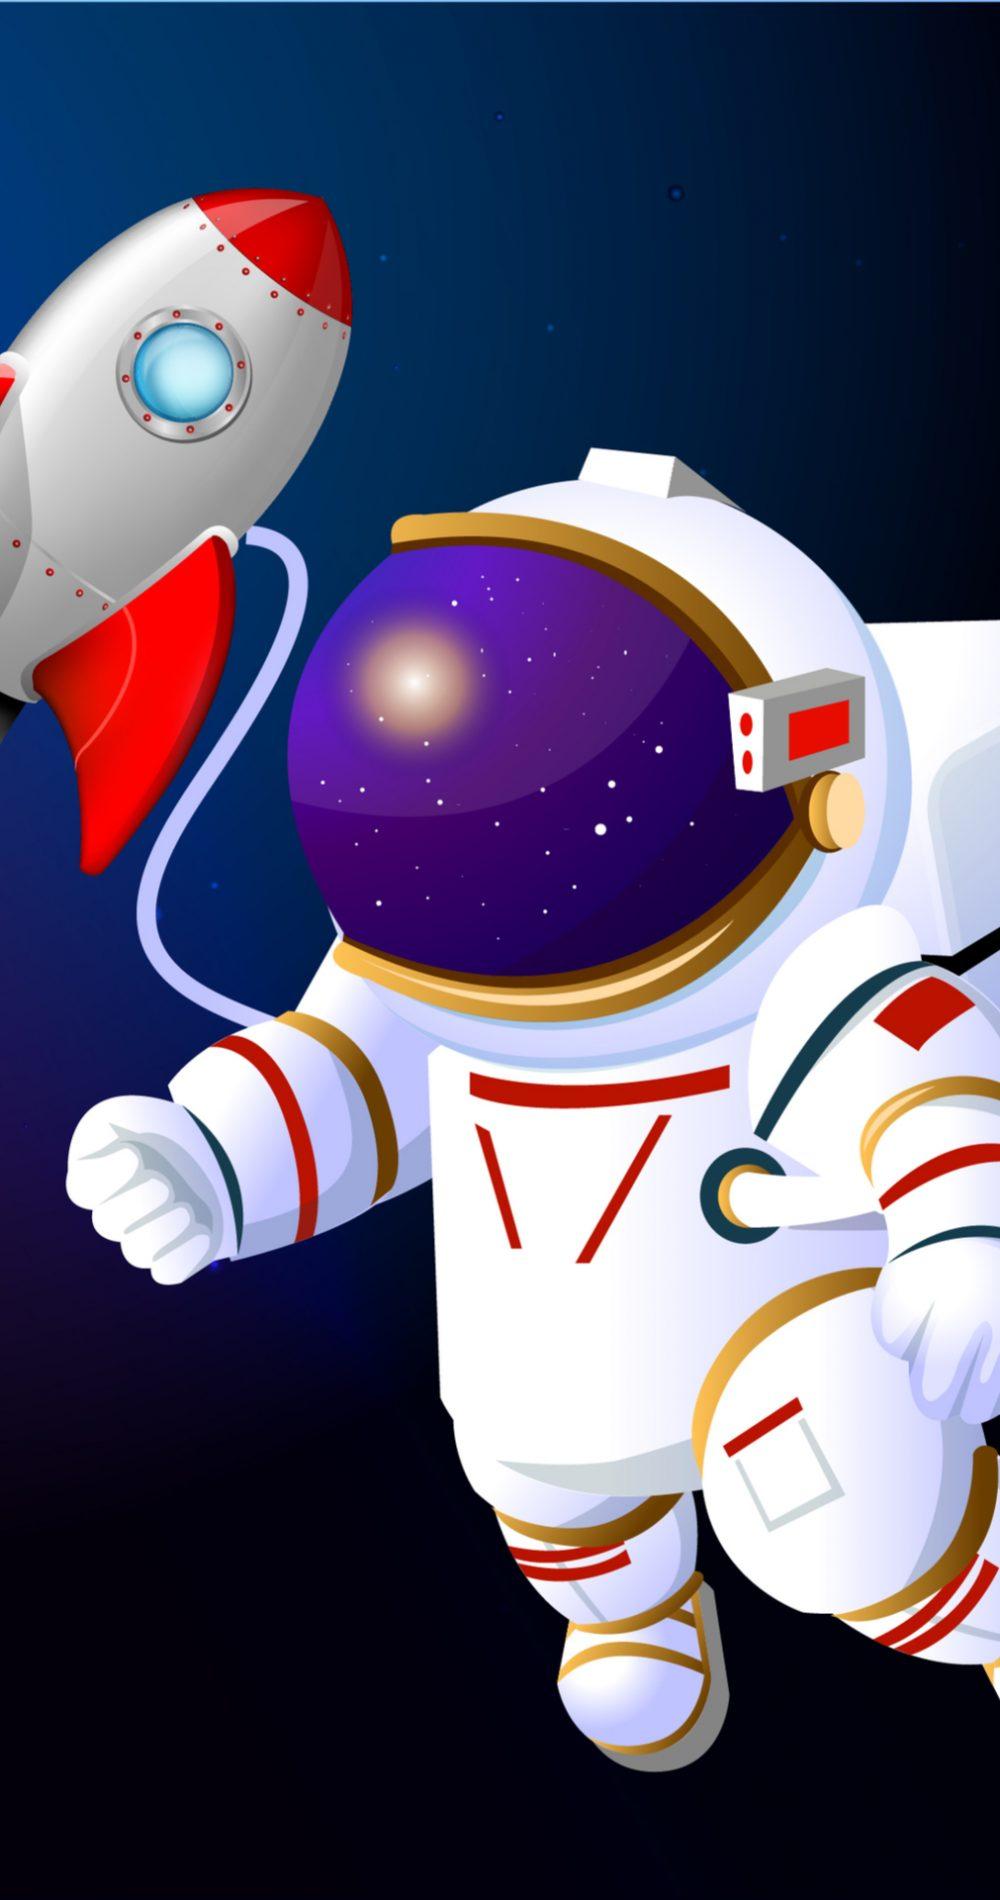 http://acmetc.com/wp-content/uploads/2019/05/Astronot-Vert-Ban-1000x1900.jpg